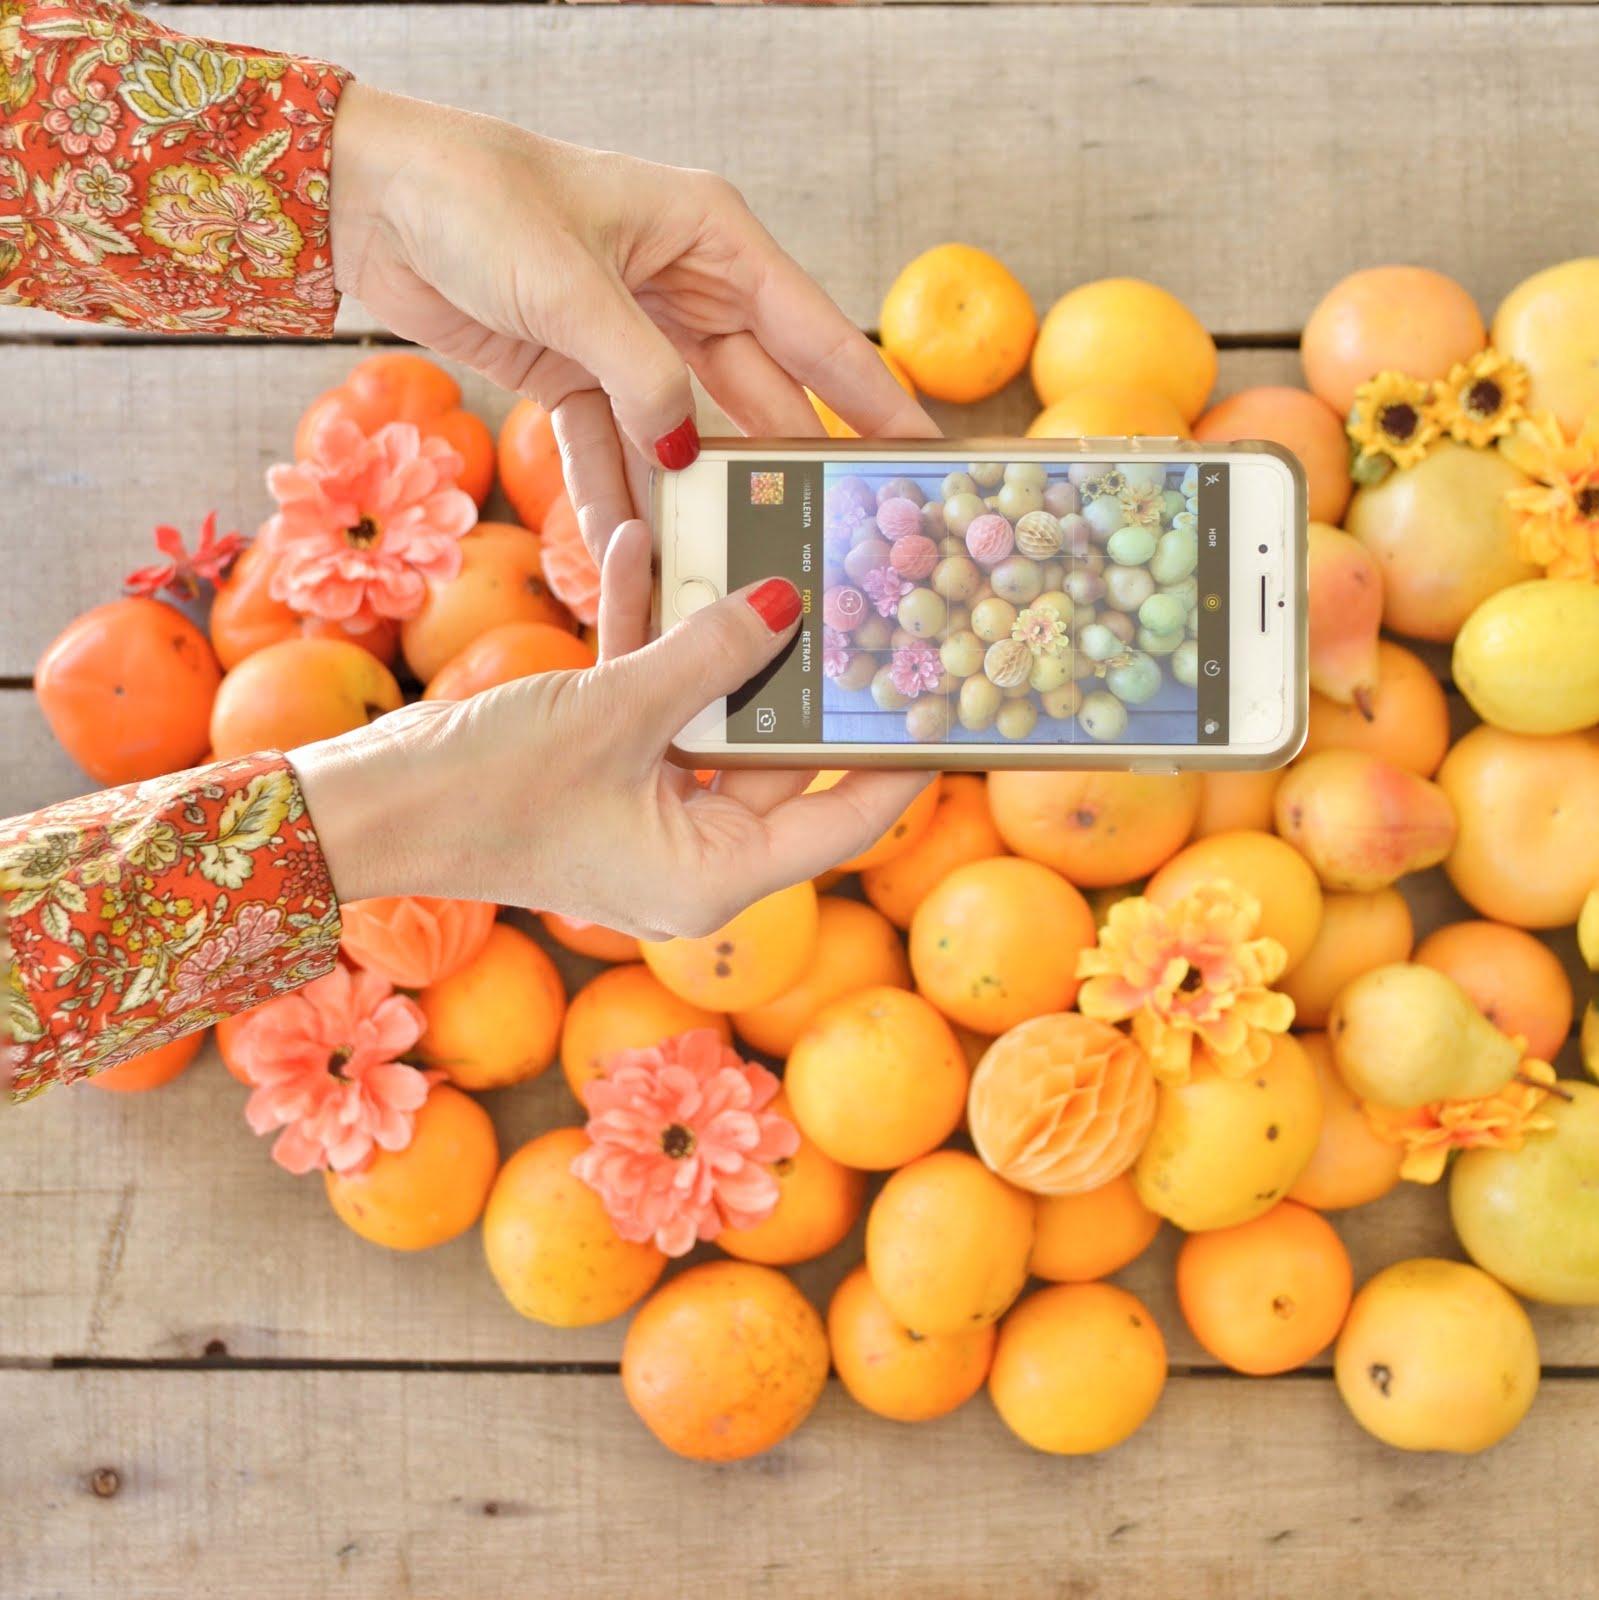 7 tips para sacar mejores fotos con el teléfono por @rochilanu - #colorsoloparami